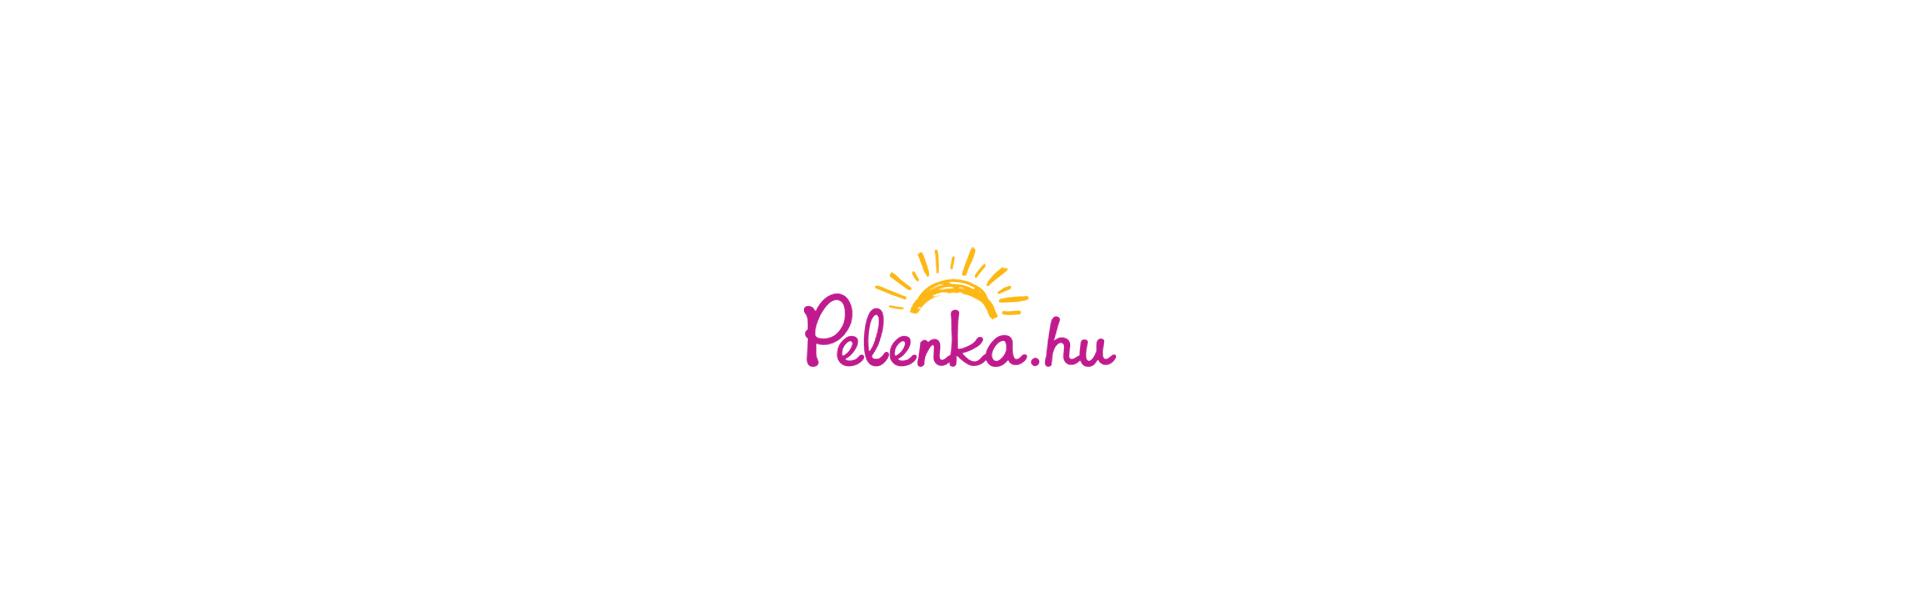 Pelenka.hu